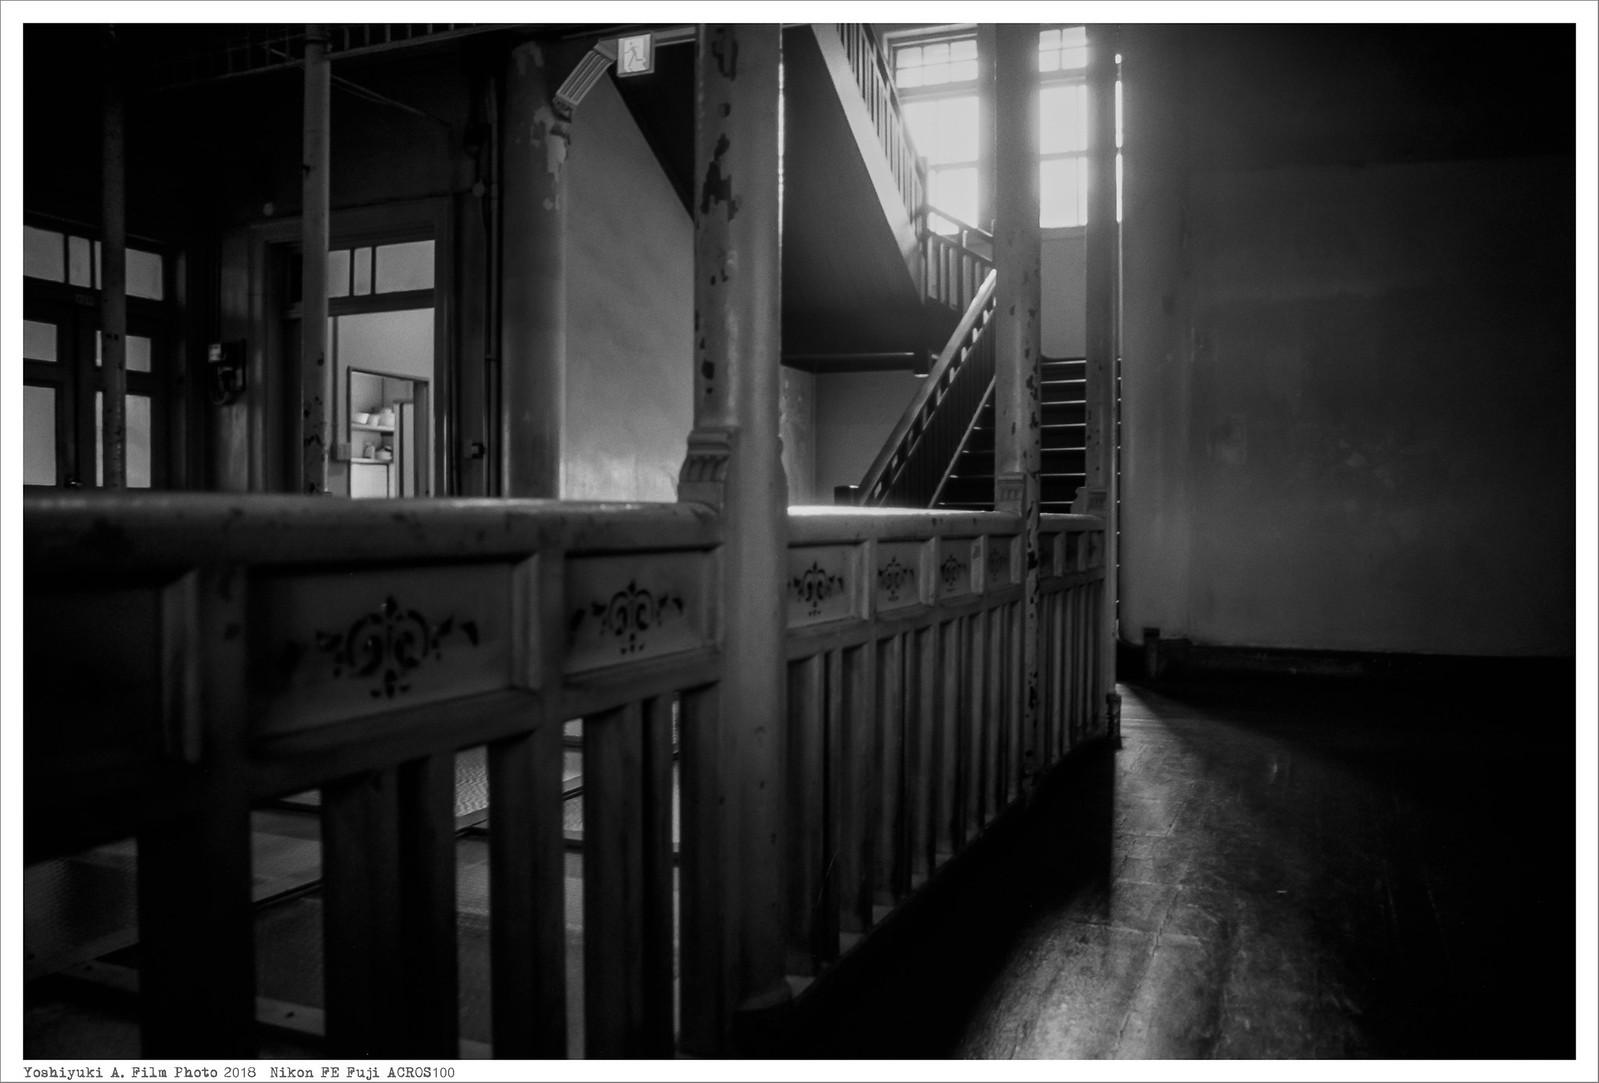 北九州市若松区 上野海運 Nikon_FE_Fuji_Acros100__75-2